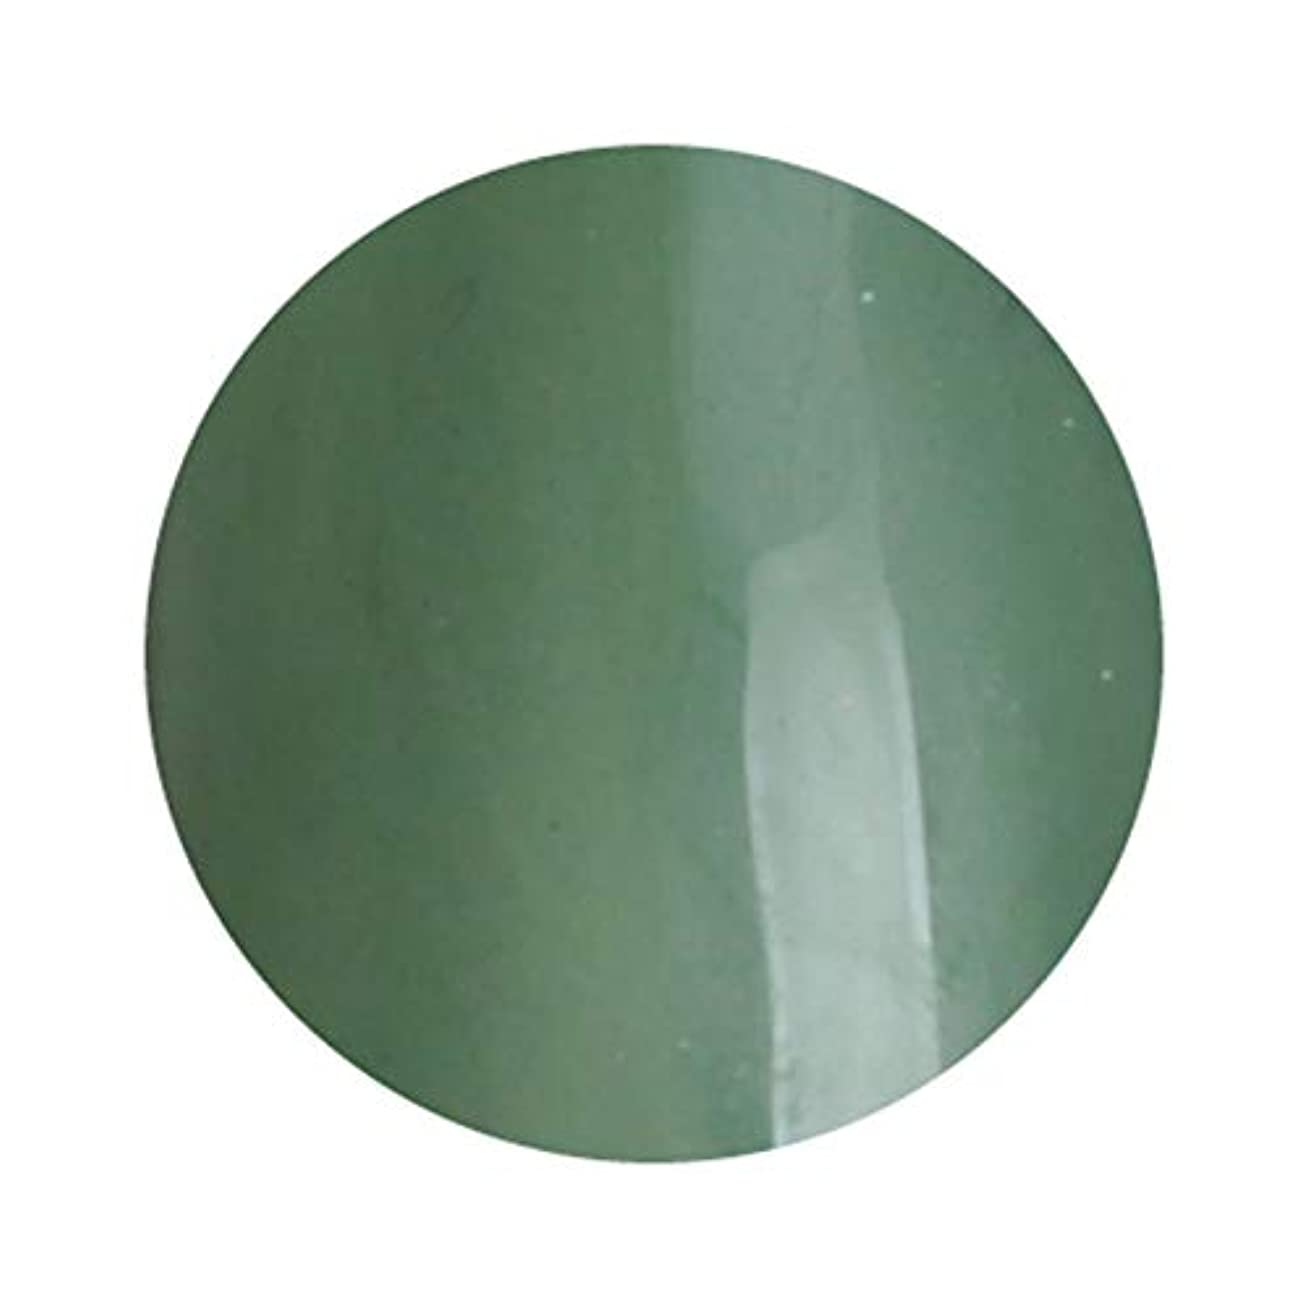 T-GEL COLLECTION ティージェルコレクション カラージェル D234 クリアカーキ 4ml